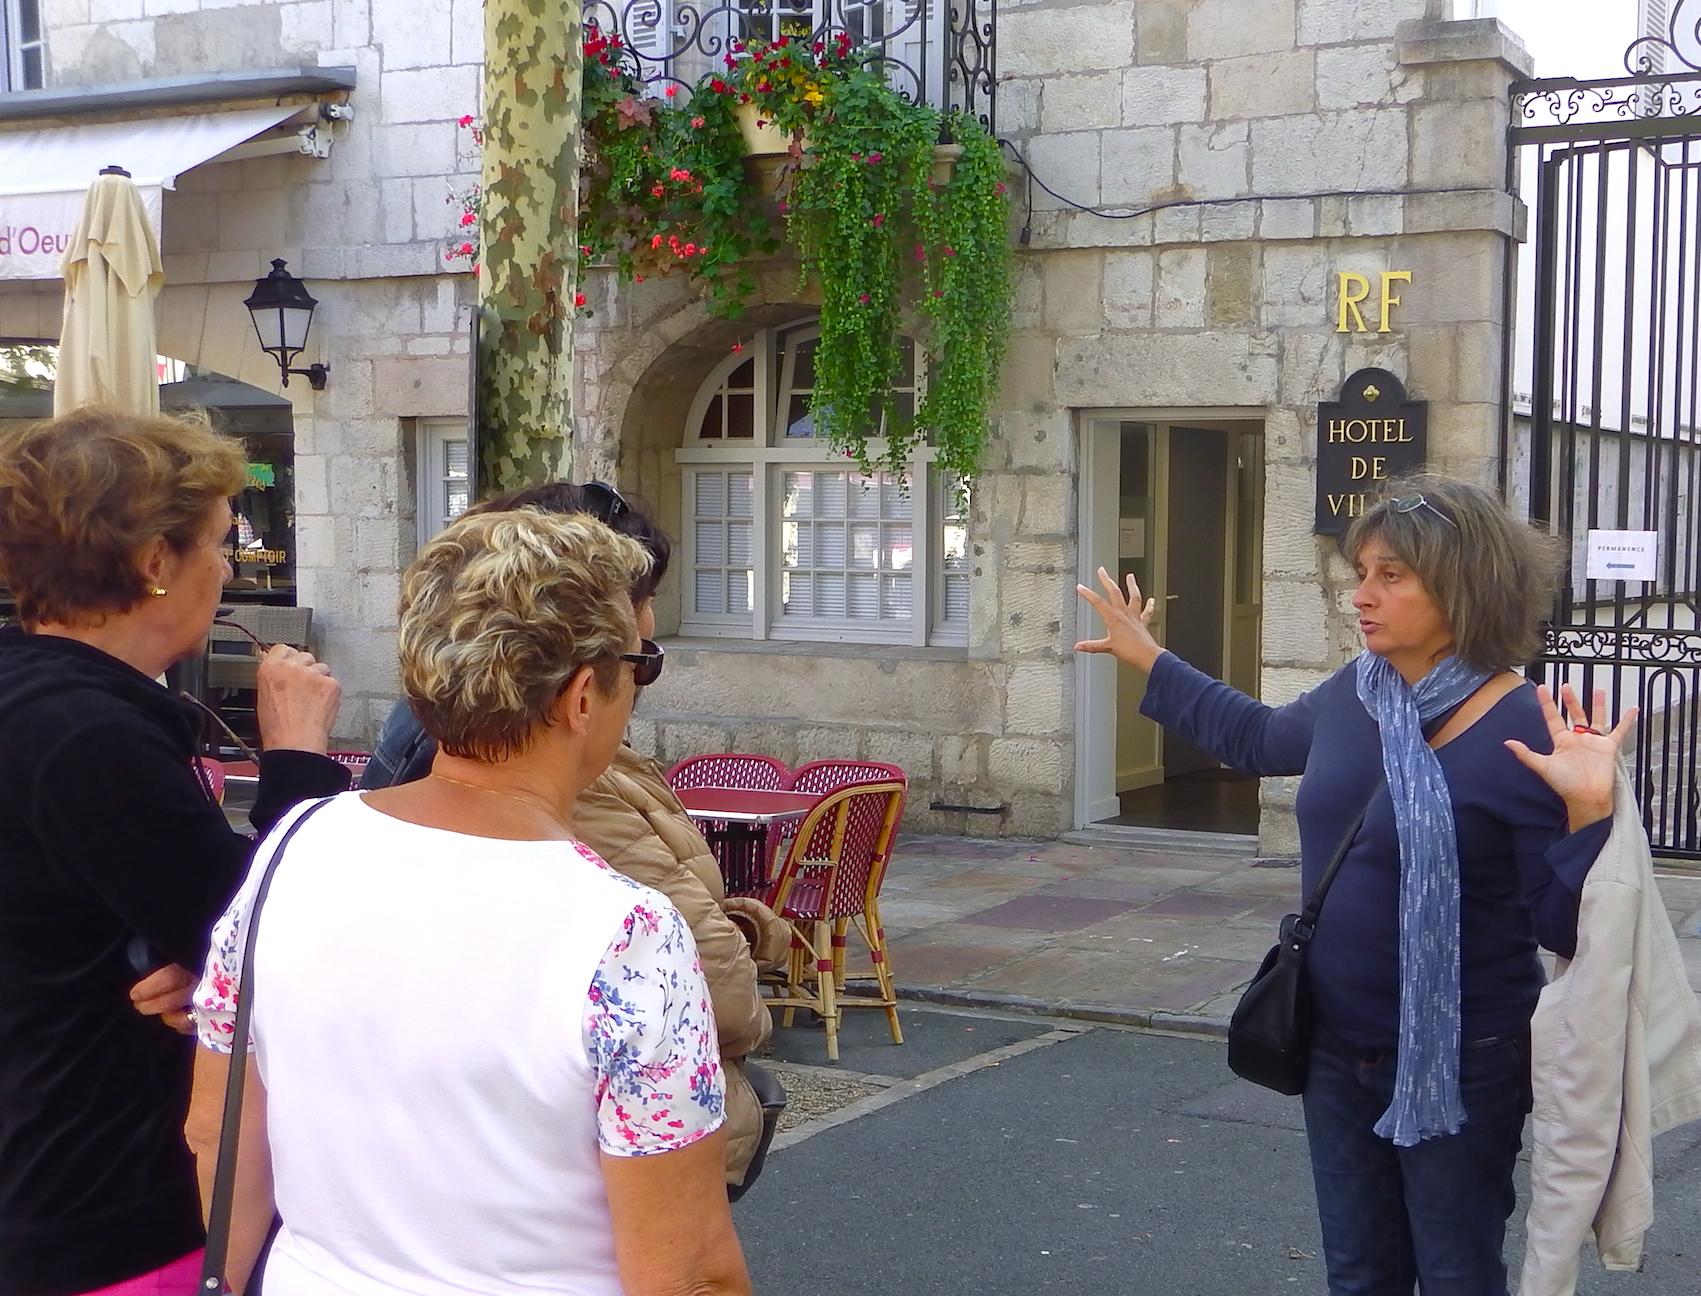 journée-visite-guidée-saint-jean-de-luz-agence-voyage-pays-basque-21